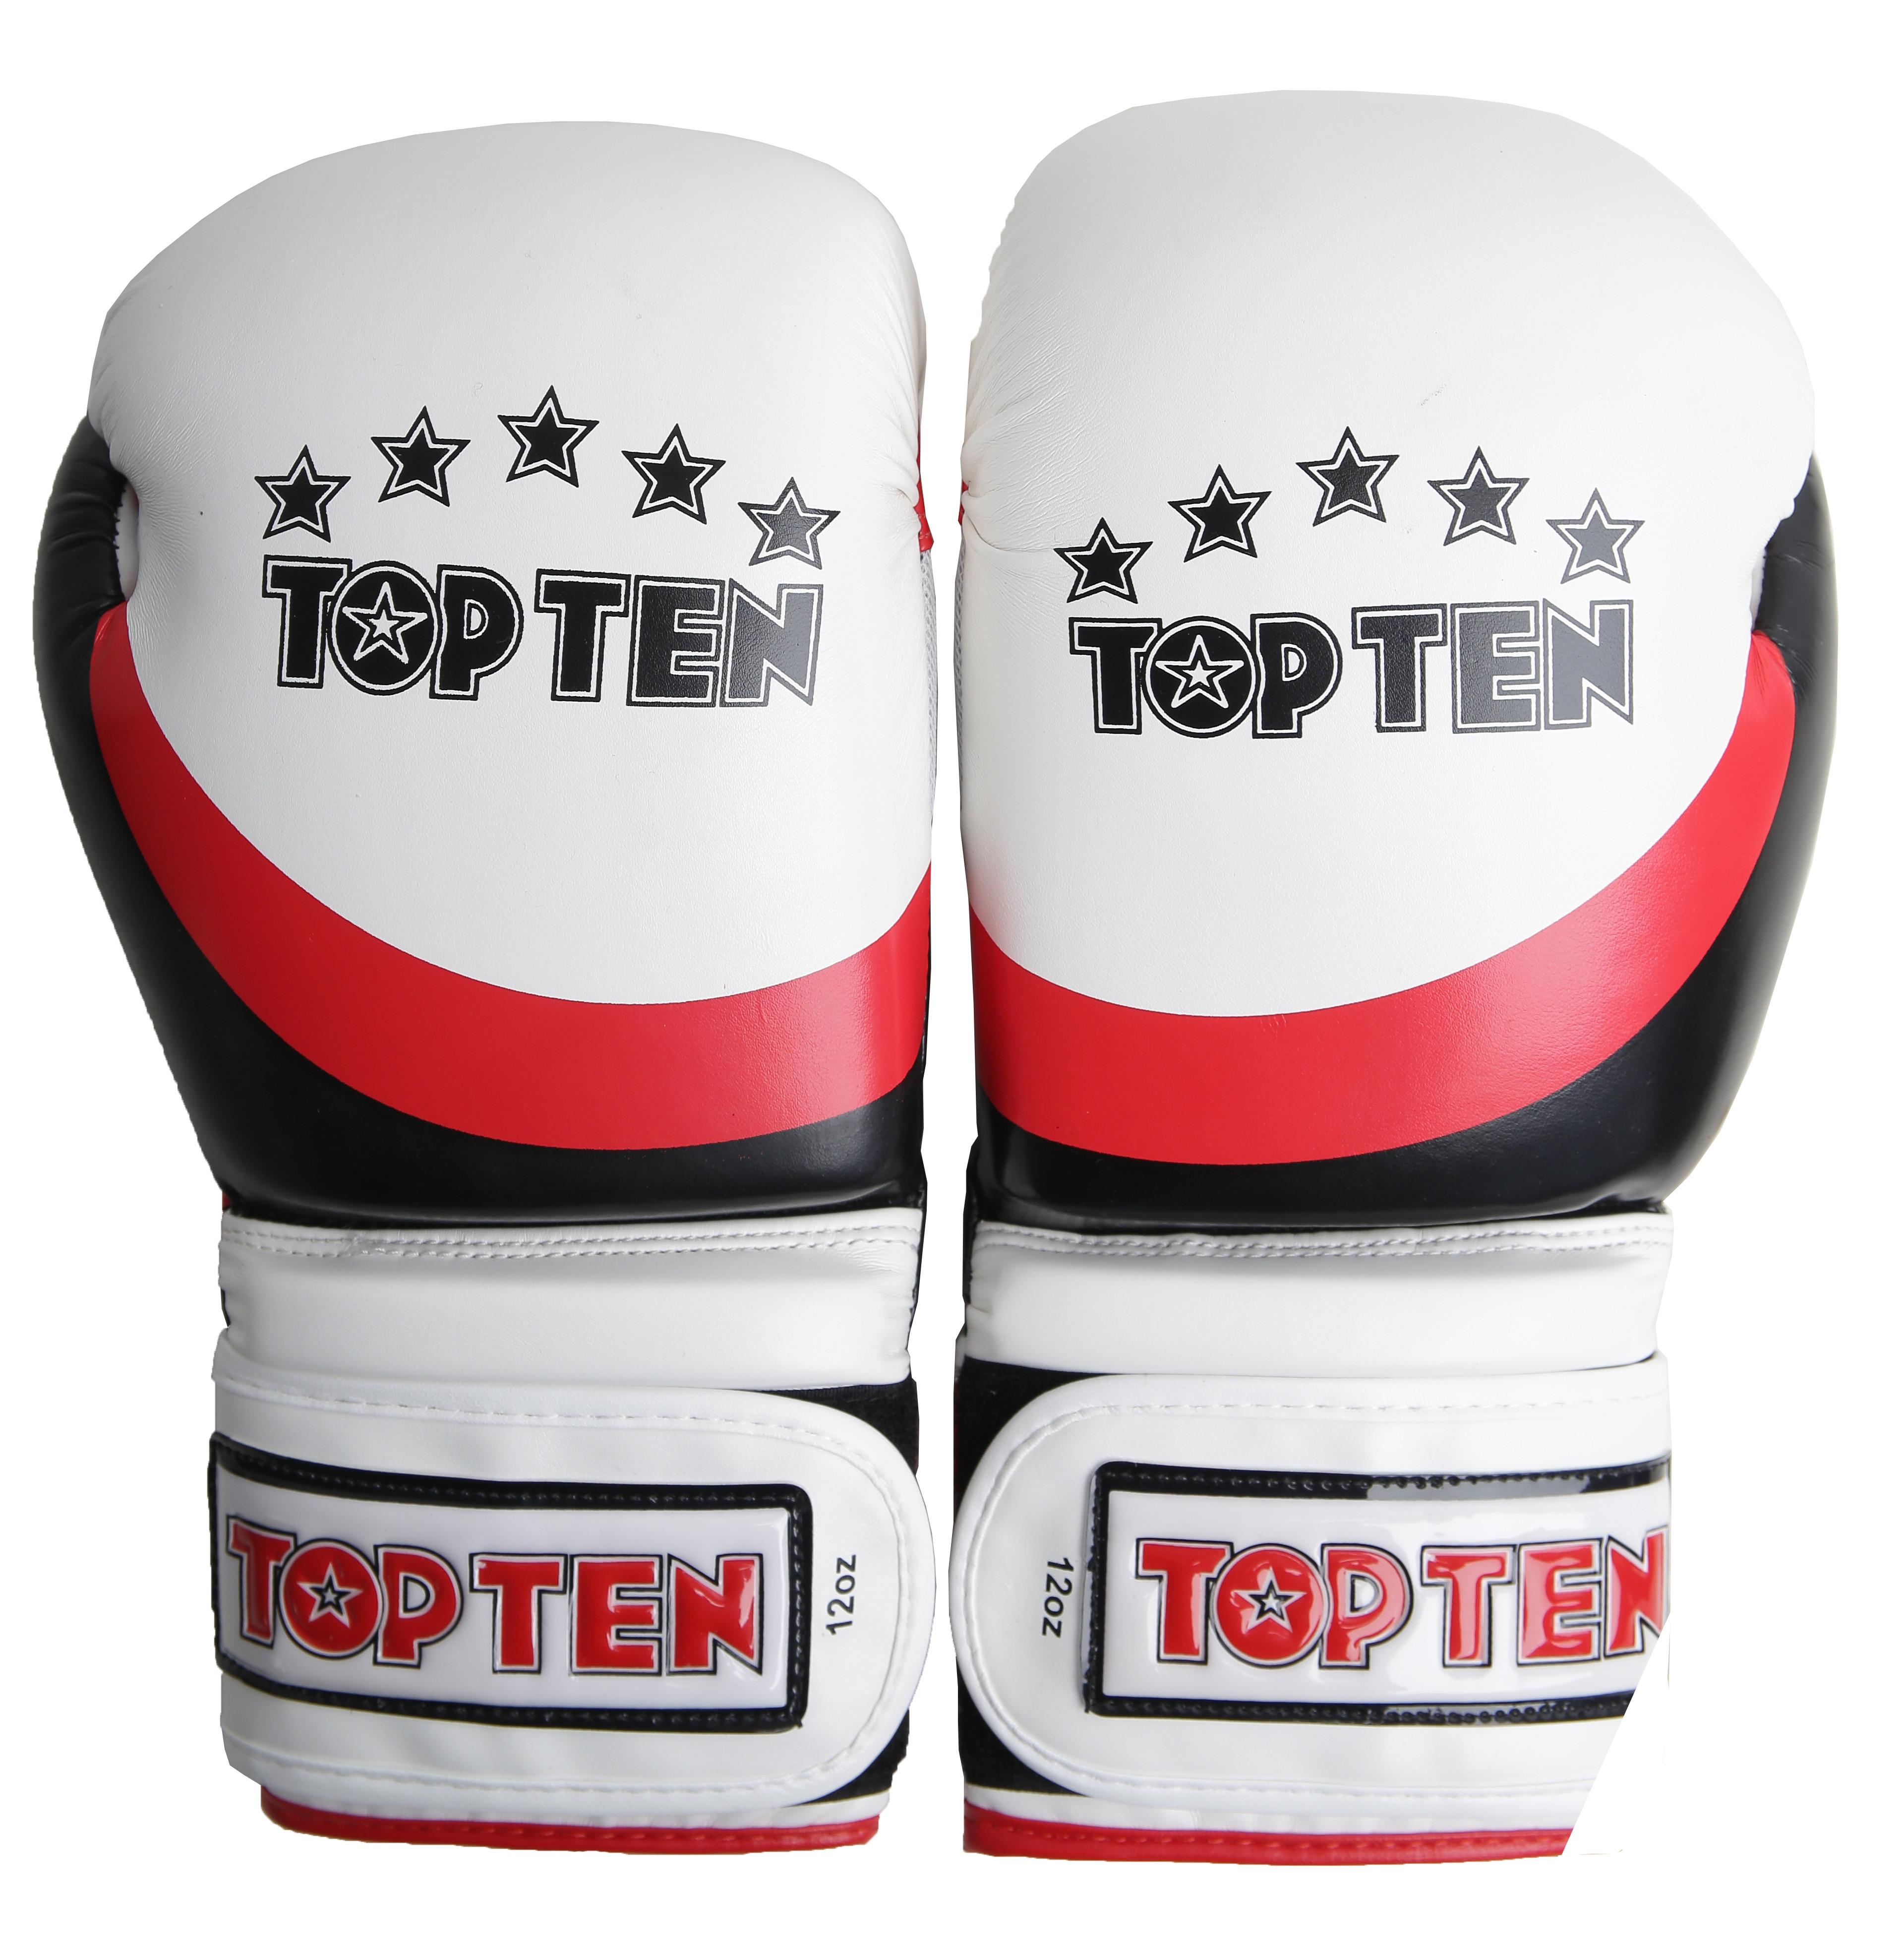 Боксерские перчатки top ten perfect white red black